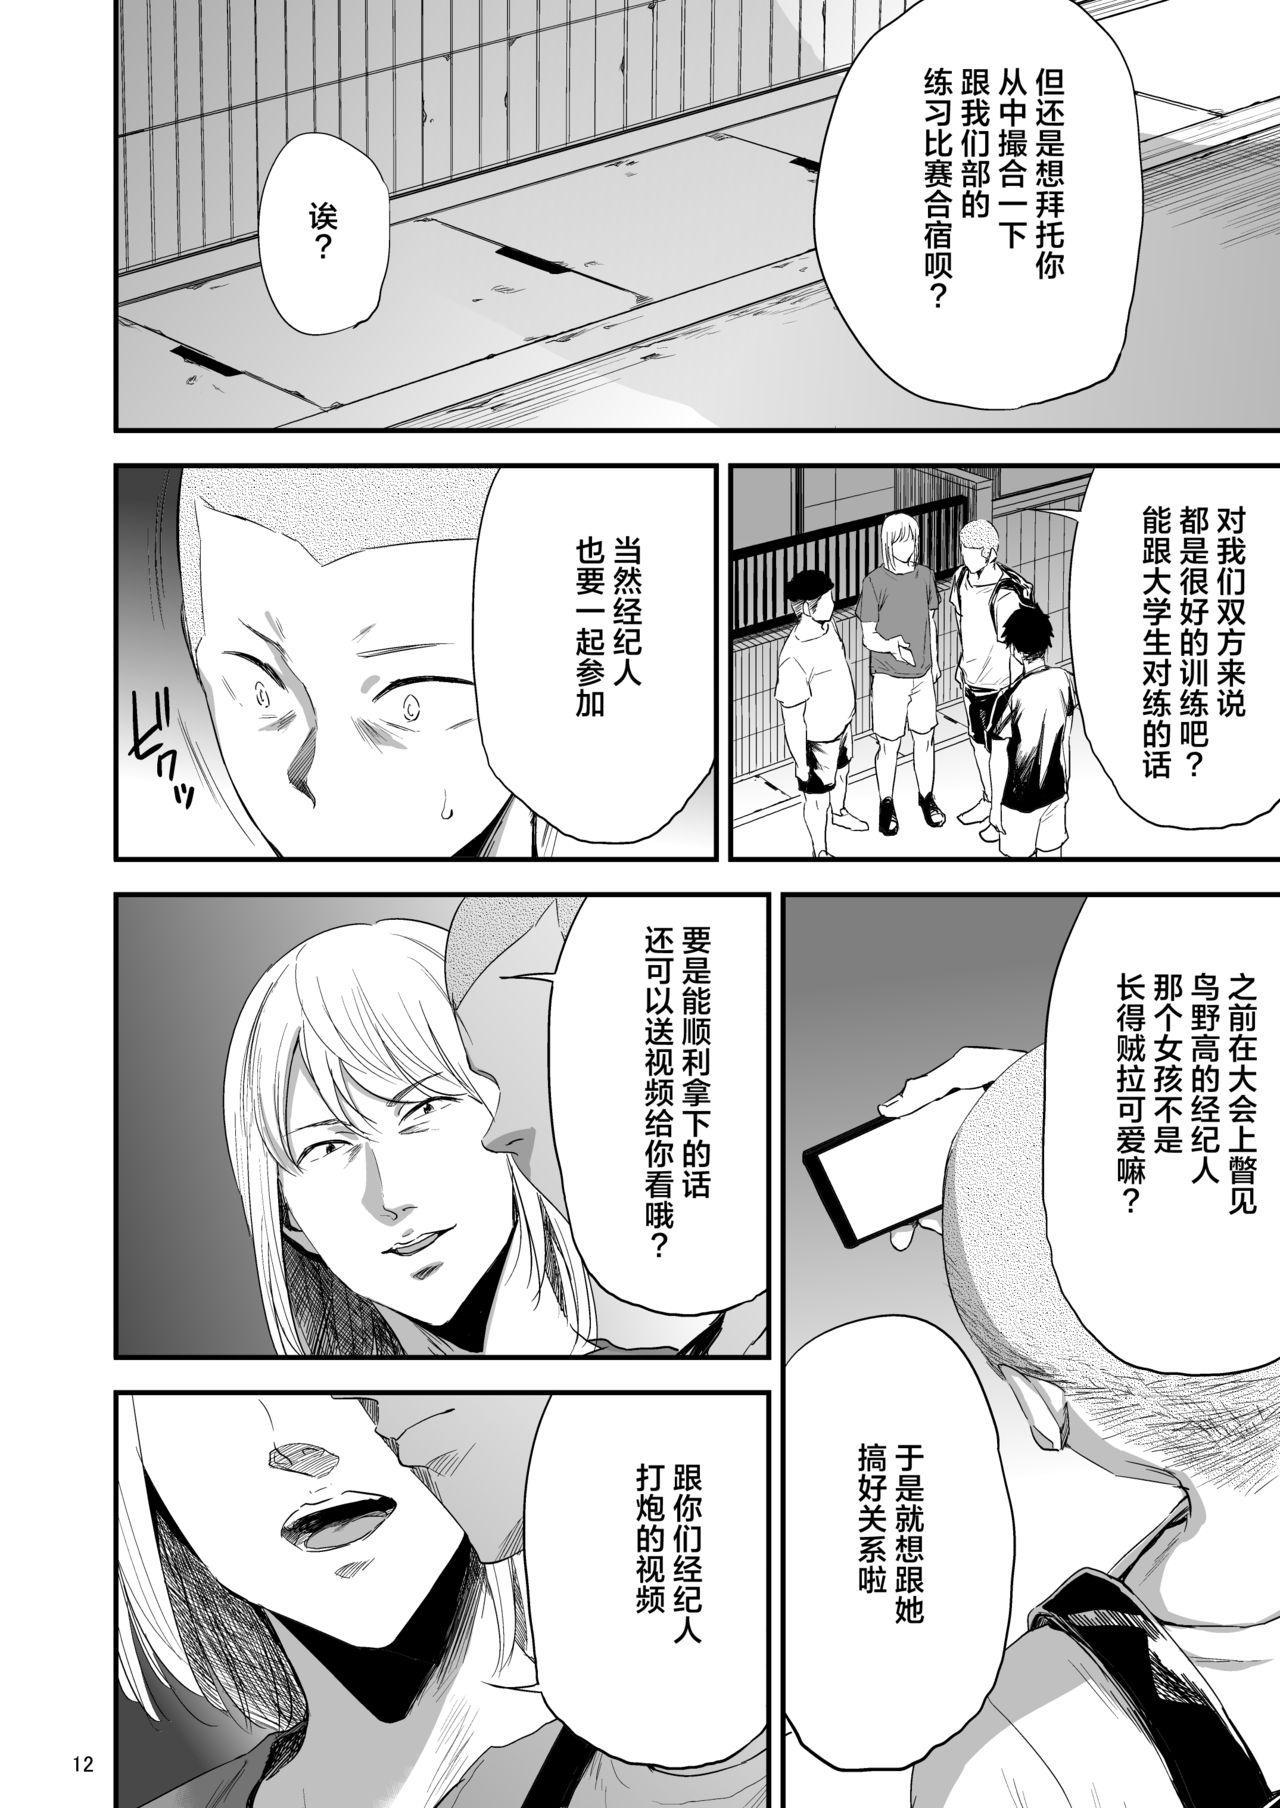 Saeko Nee-san ga Daigaku no Doukyuusei ni Itazura Sare Moteasobareru Hon 3 11